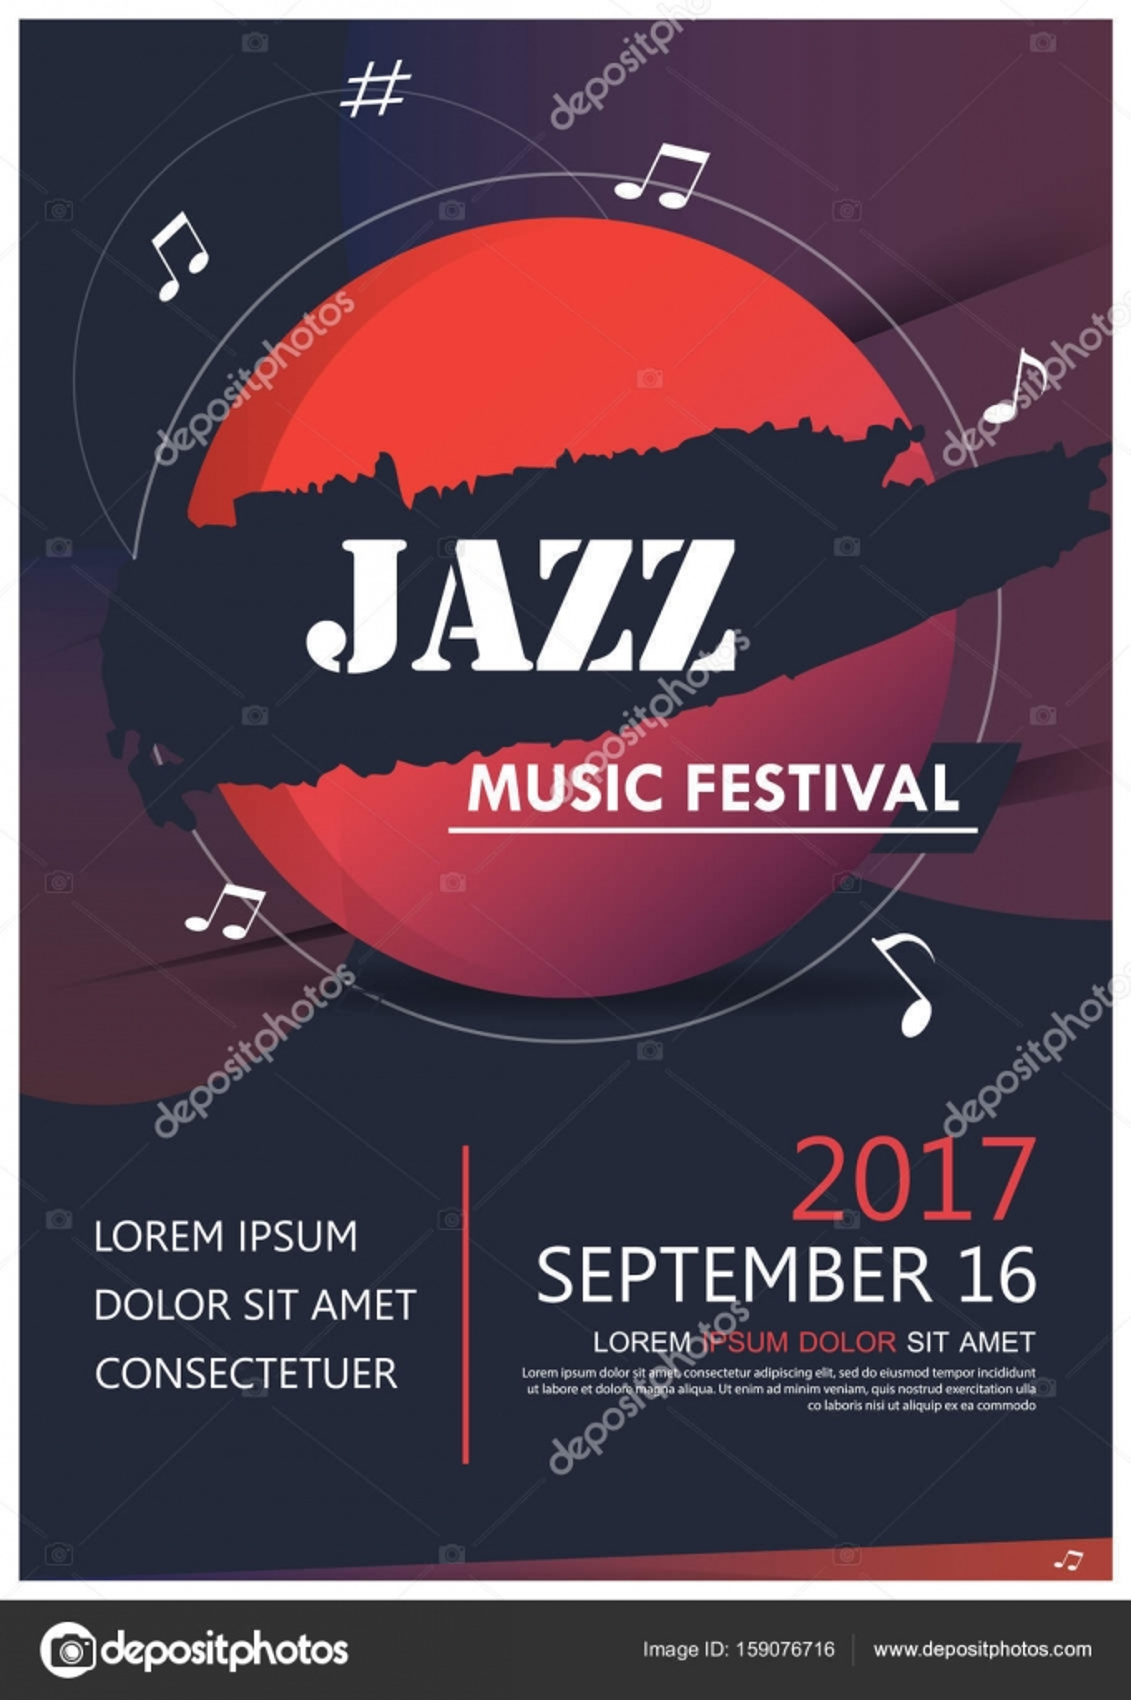 muziek partij jazzband poster. jazz club leuke muziek. muzikaal